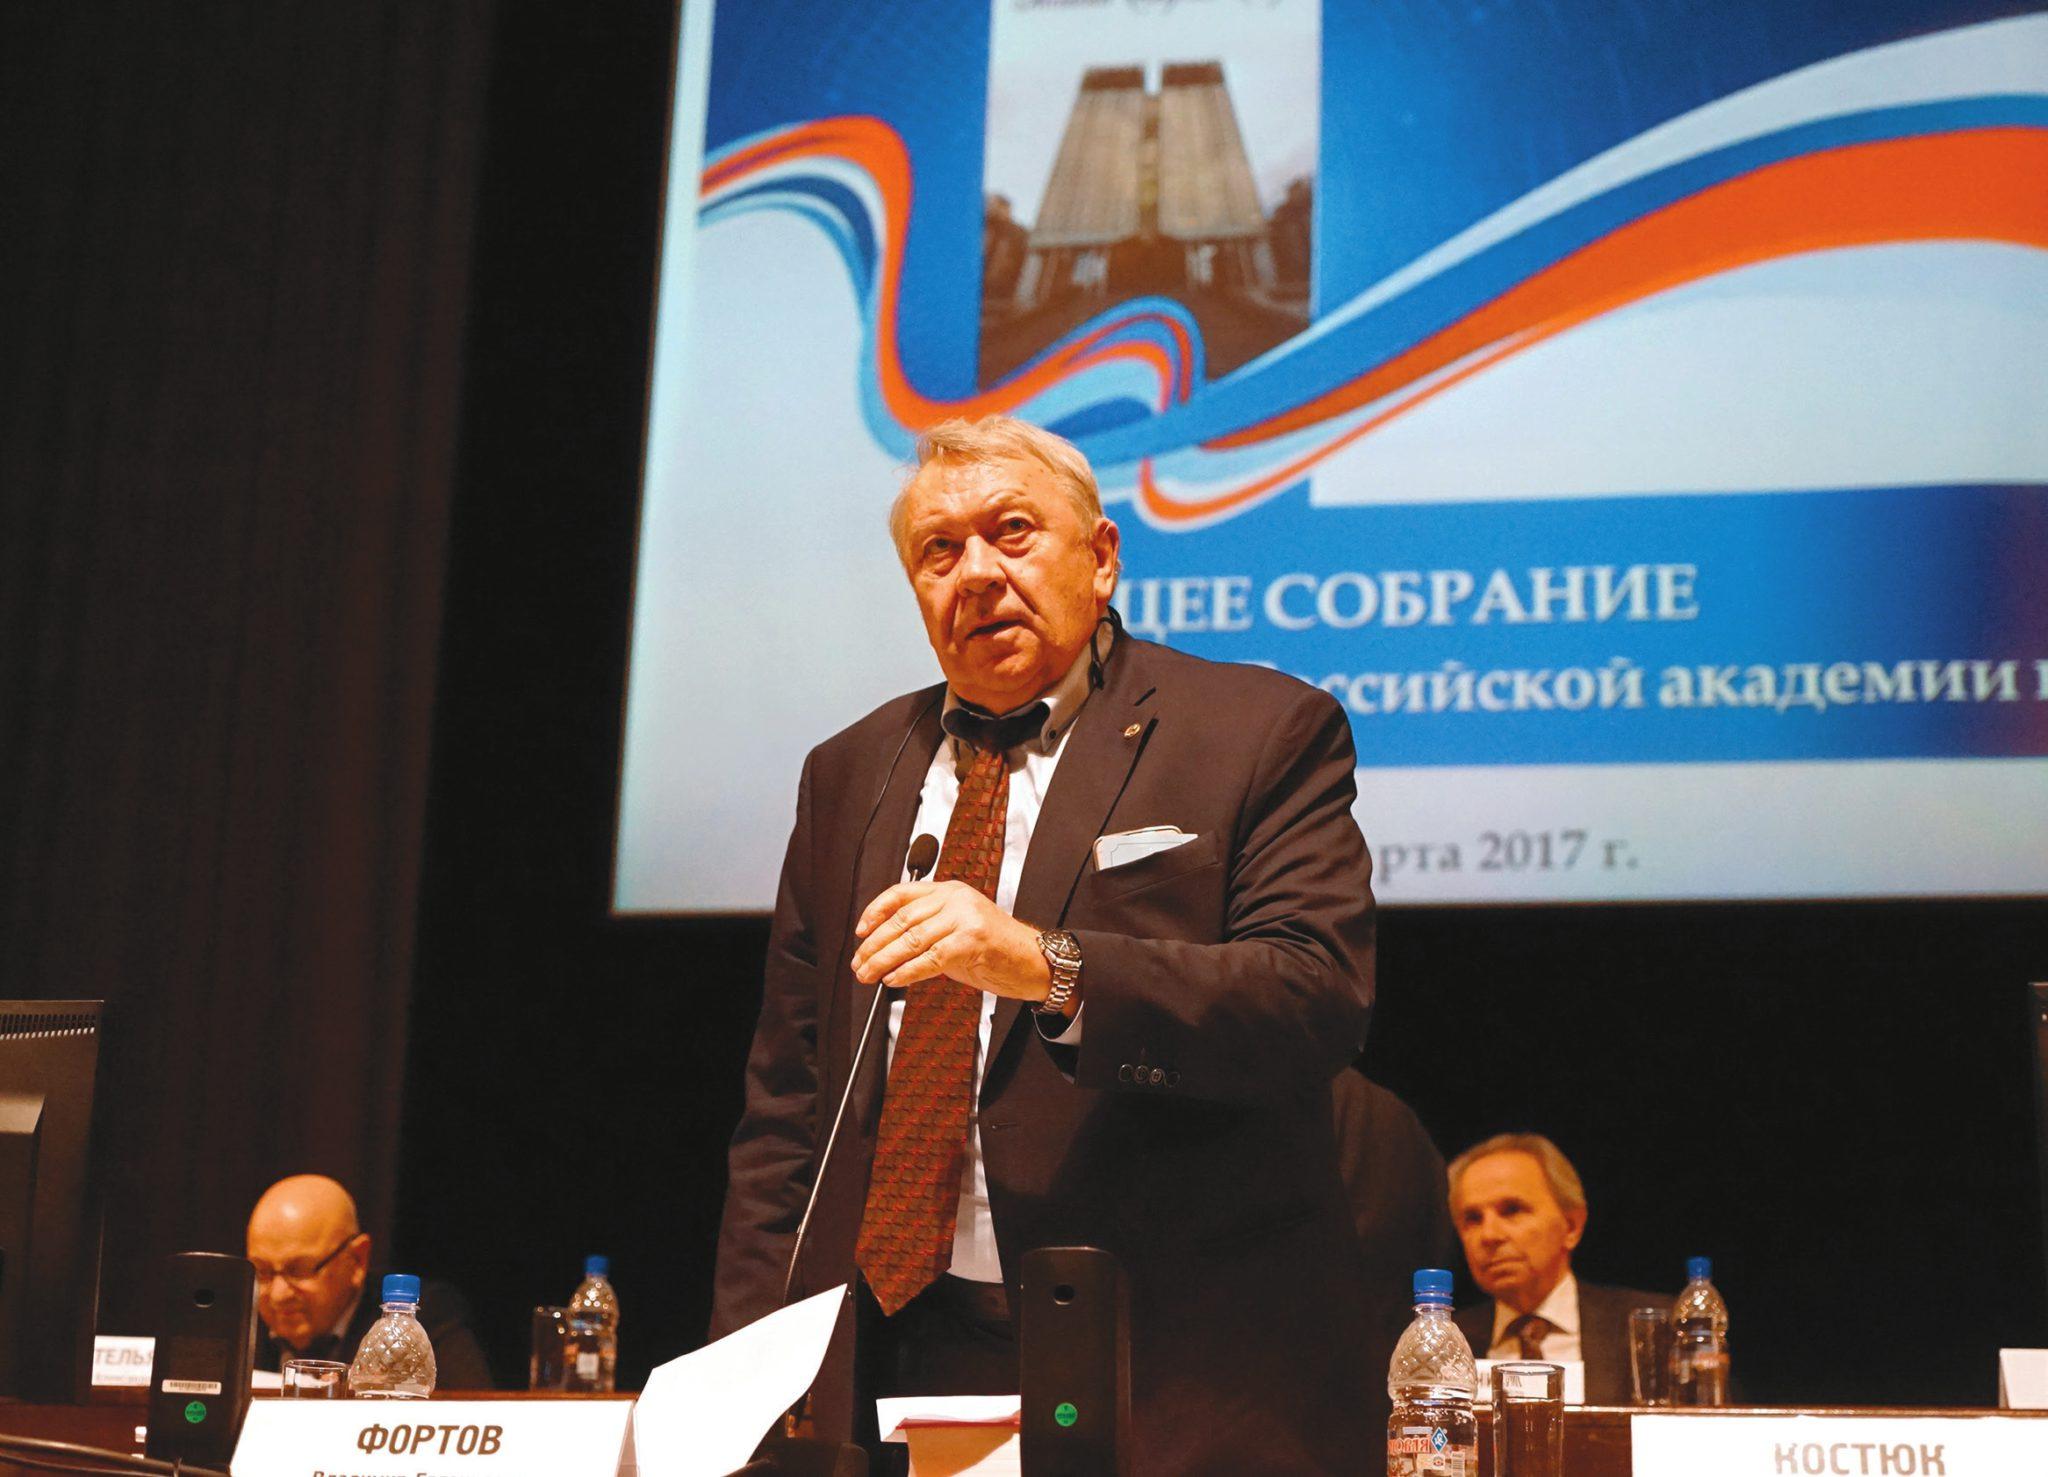 Владимир Фортов на Общем собрании РАН 20 марта 2017 года, еще президент РАН. Фото Н. Деминой